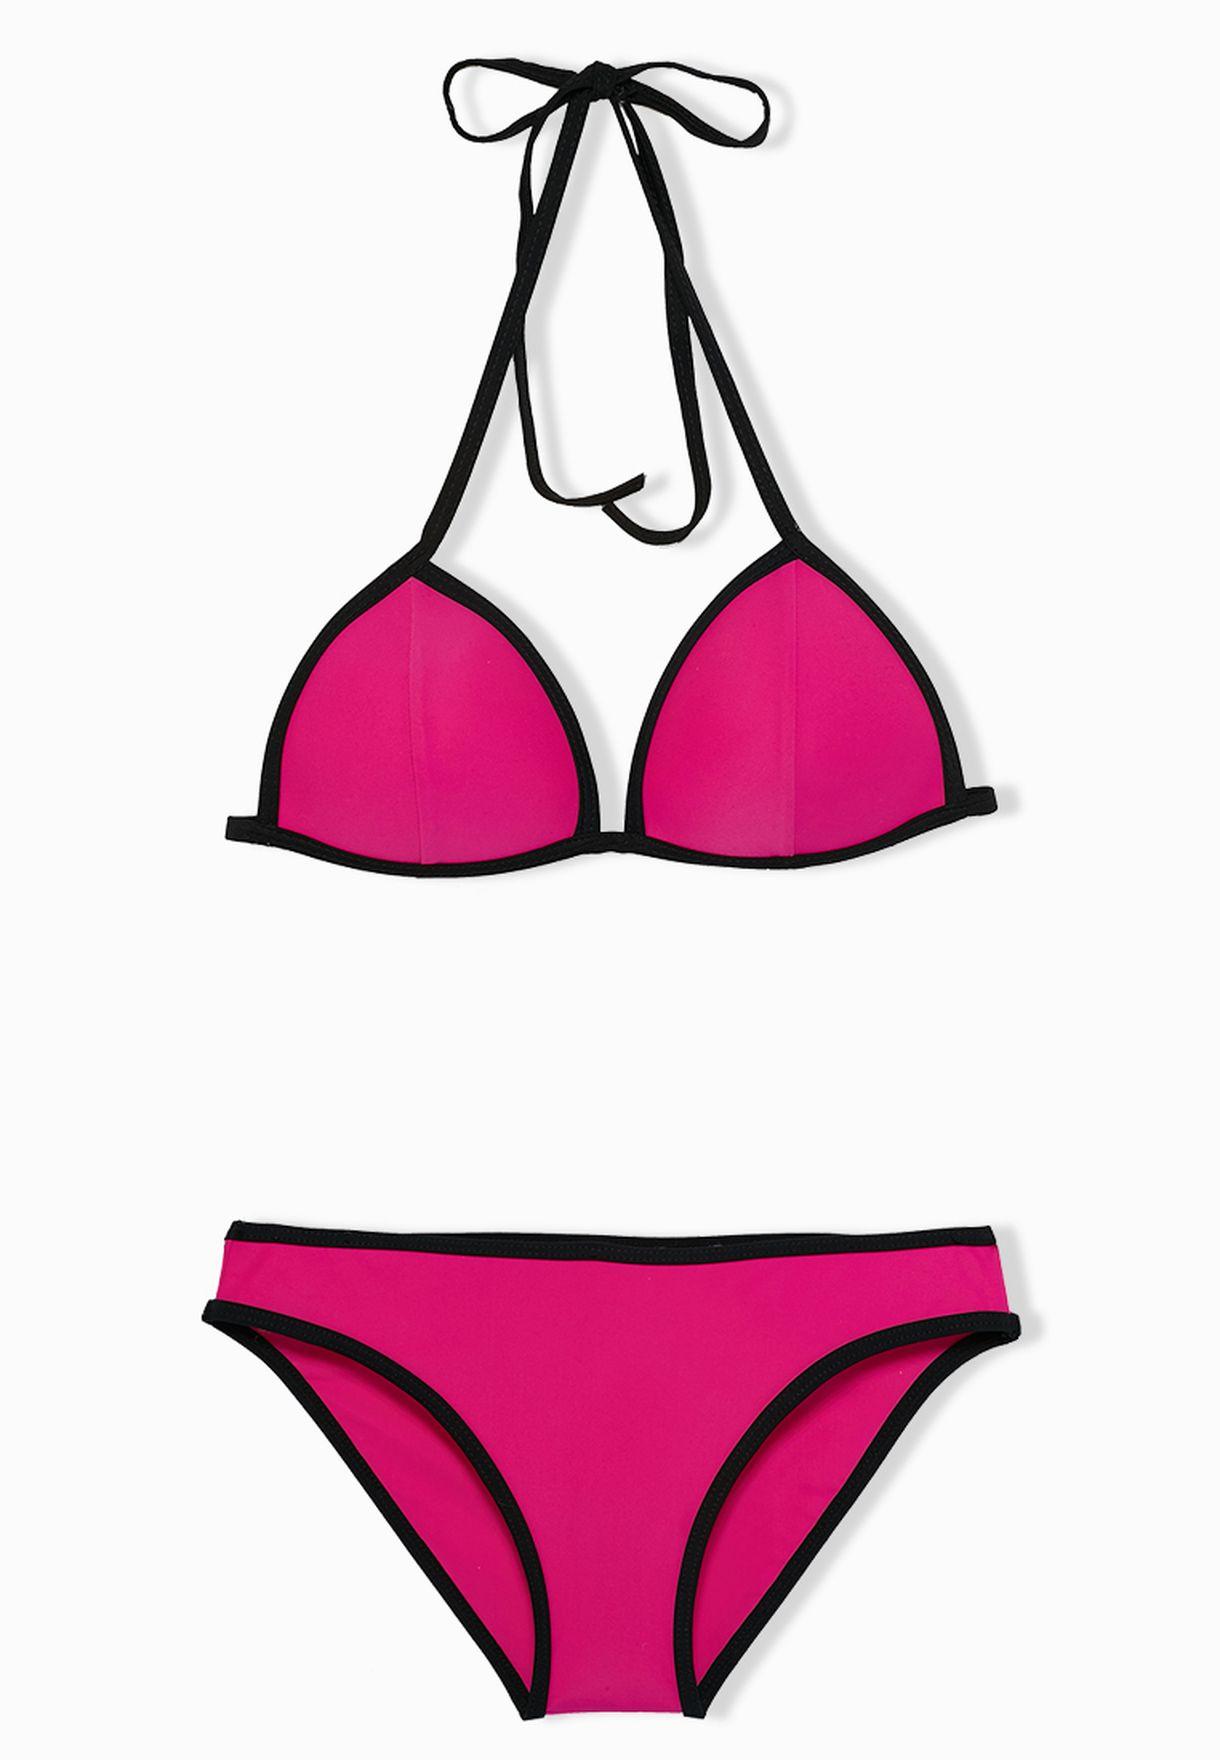 9a898503370dd Shop Velvet fox pink Neon Triangle Bikini Set for Women in Bahrain -  VE430AT36ALV